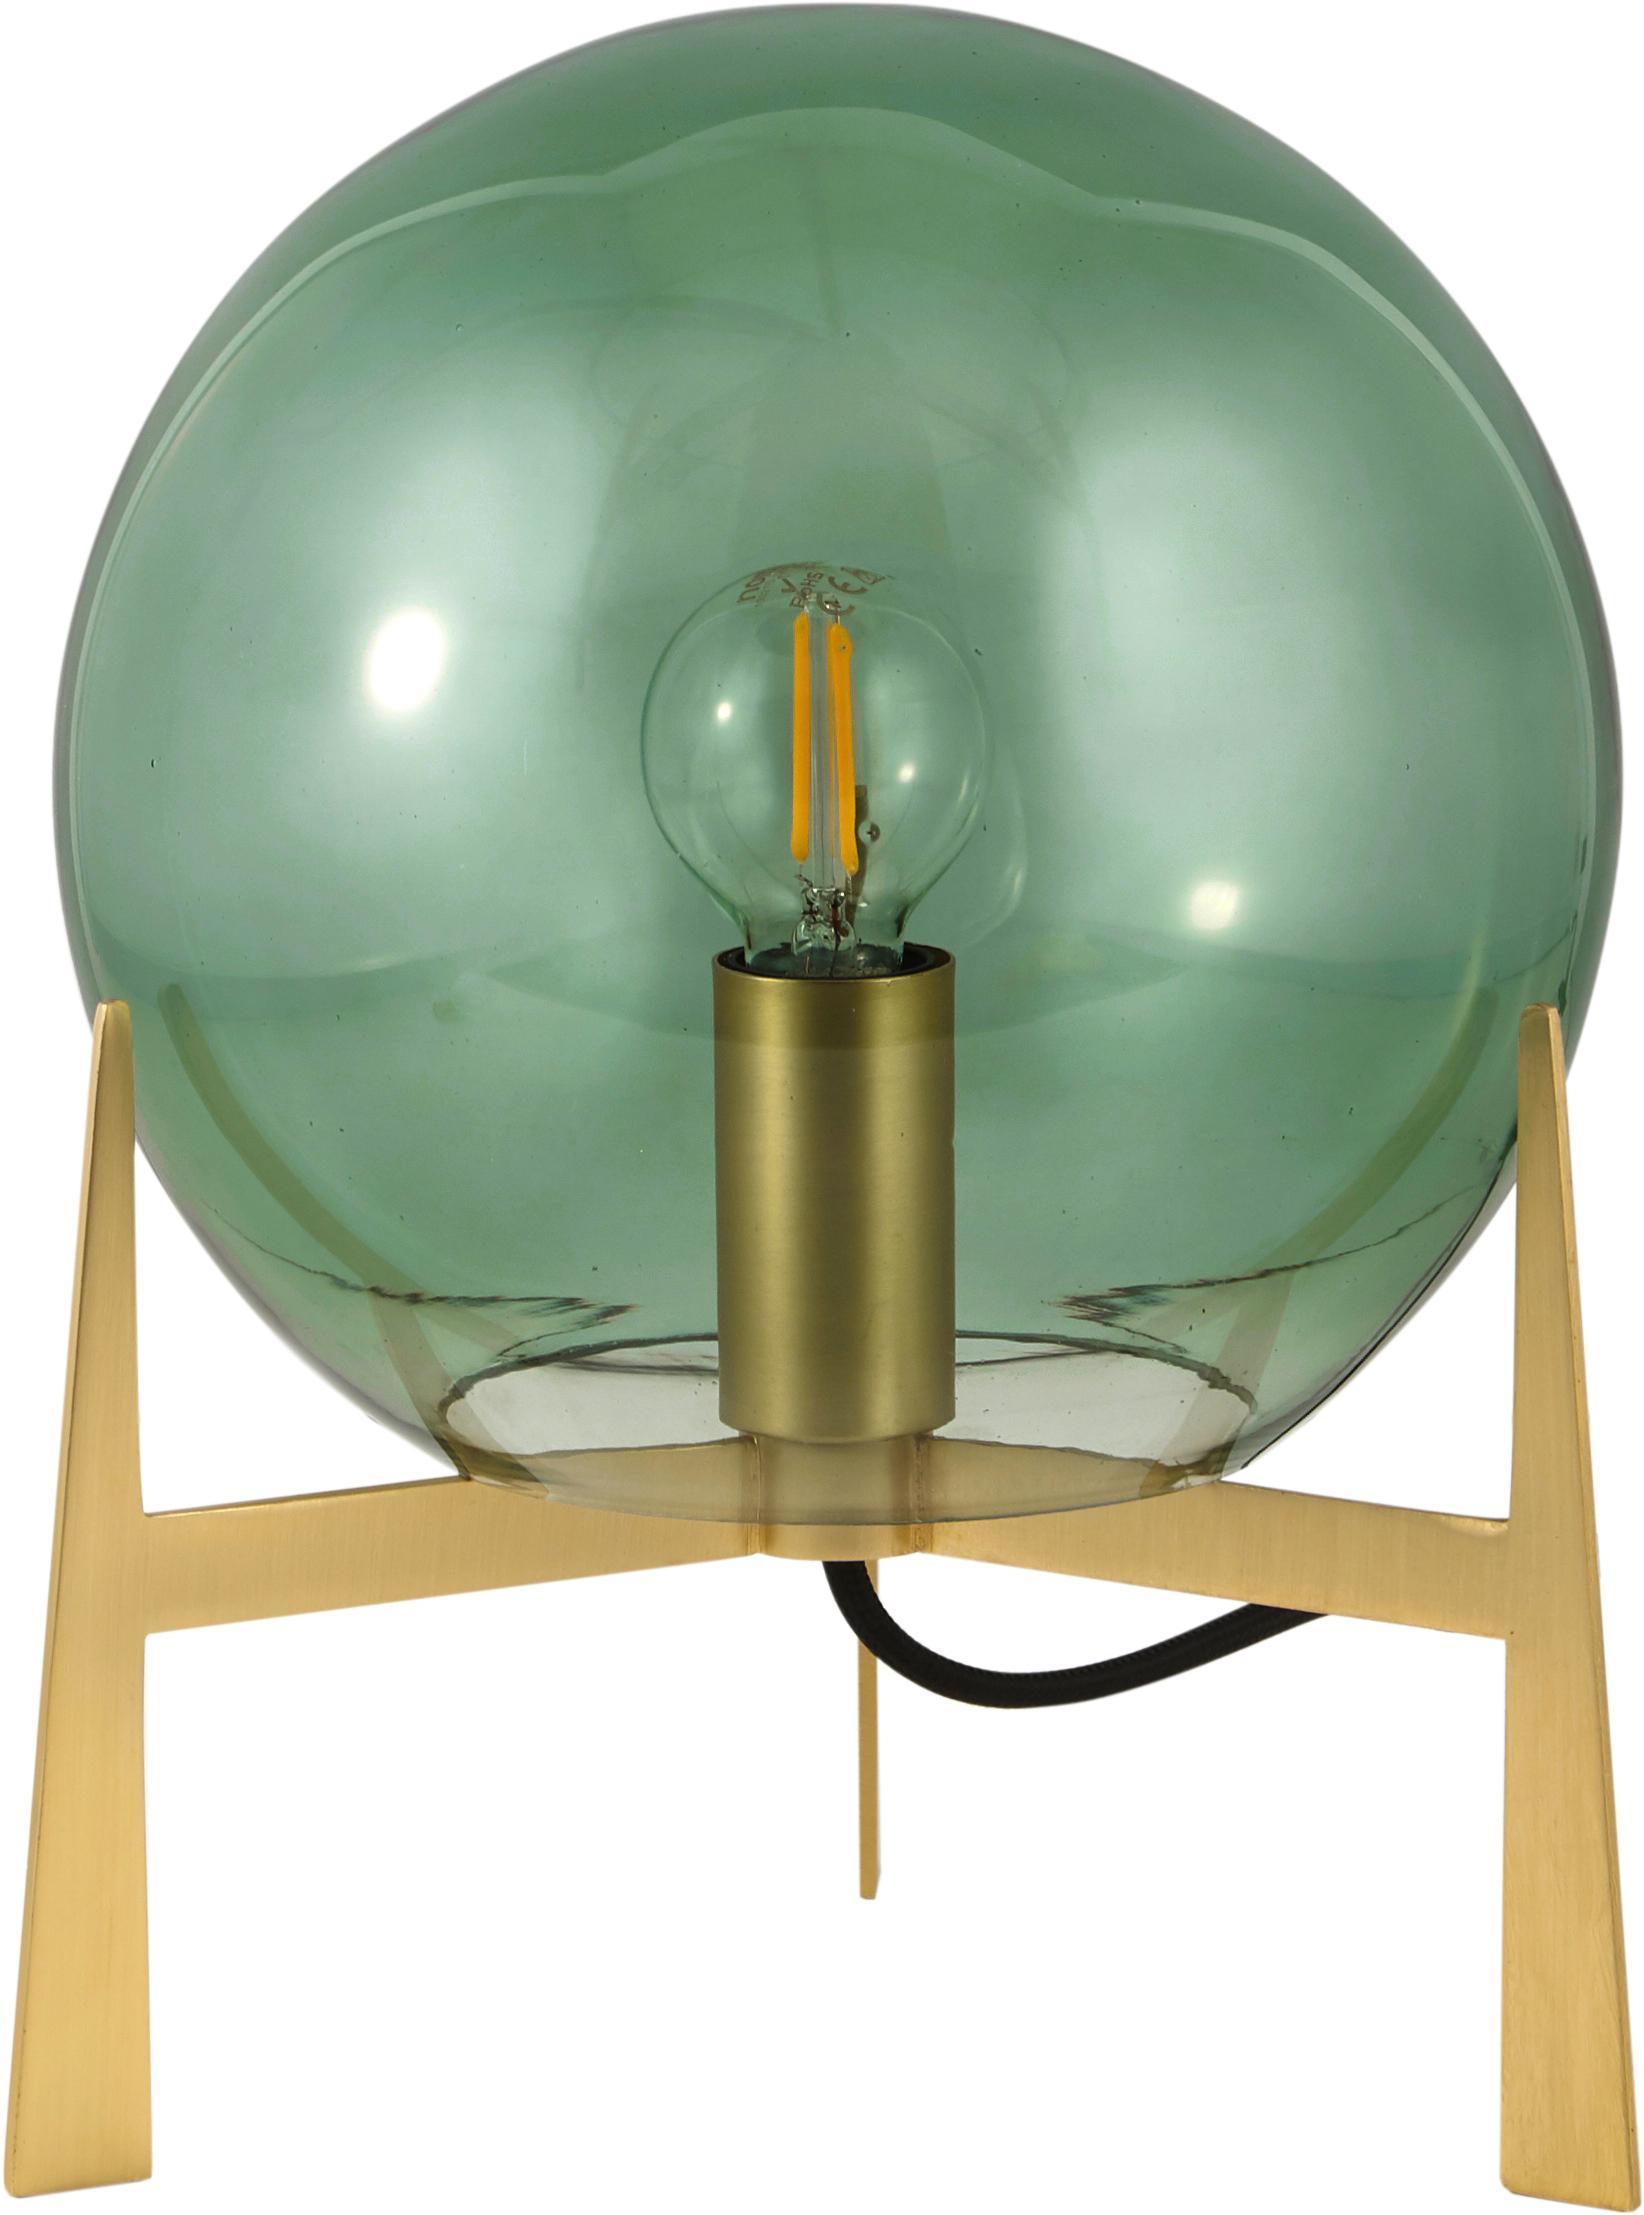 Lámpara de mesa de vidrio Milla, Pantalla: vidrio, Cable: cubierto en tela, Verde, latón, negro, Ø 22 x Al 28 cm